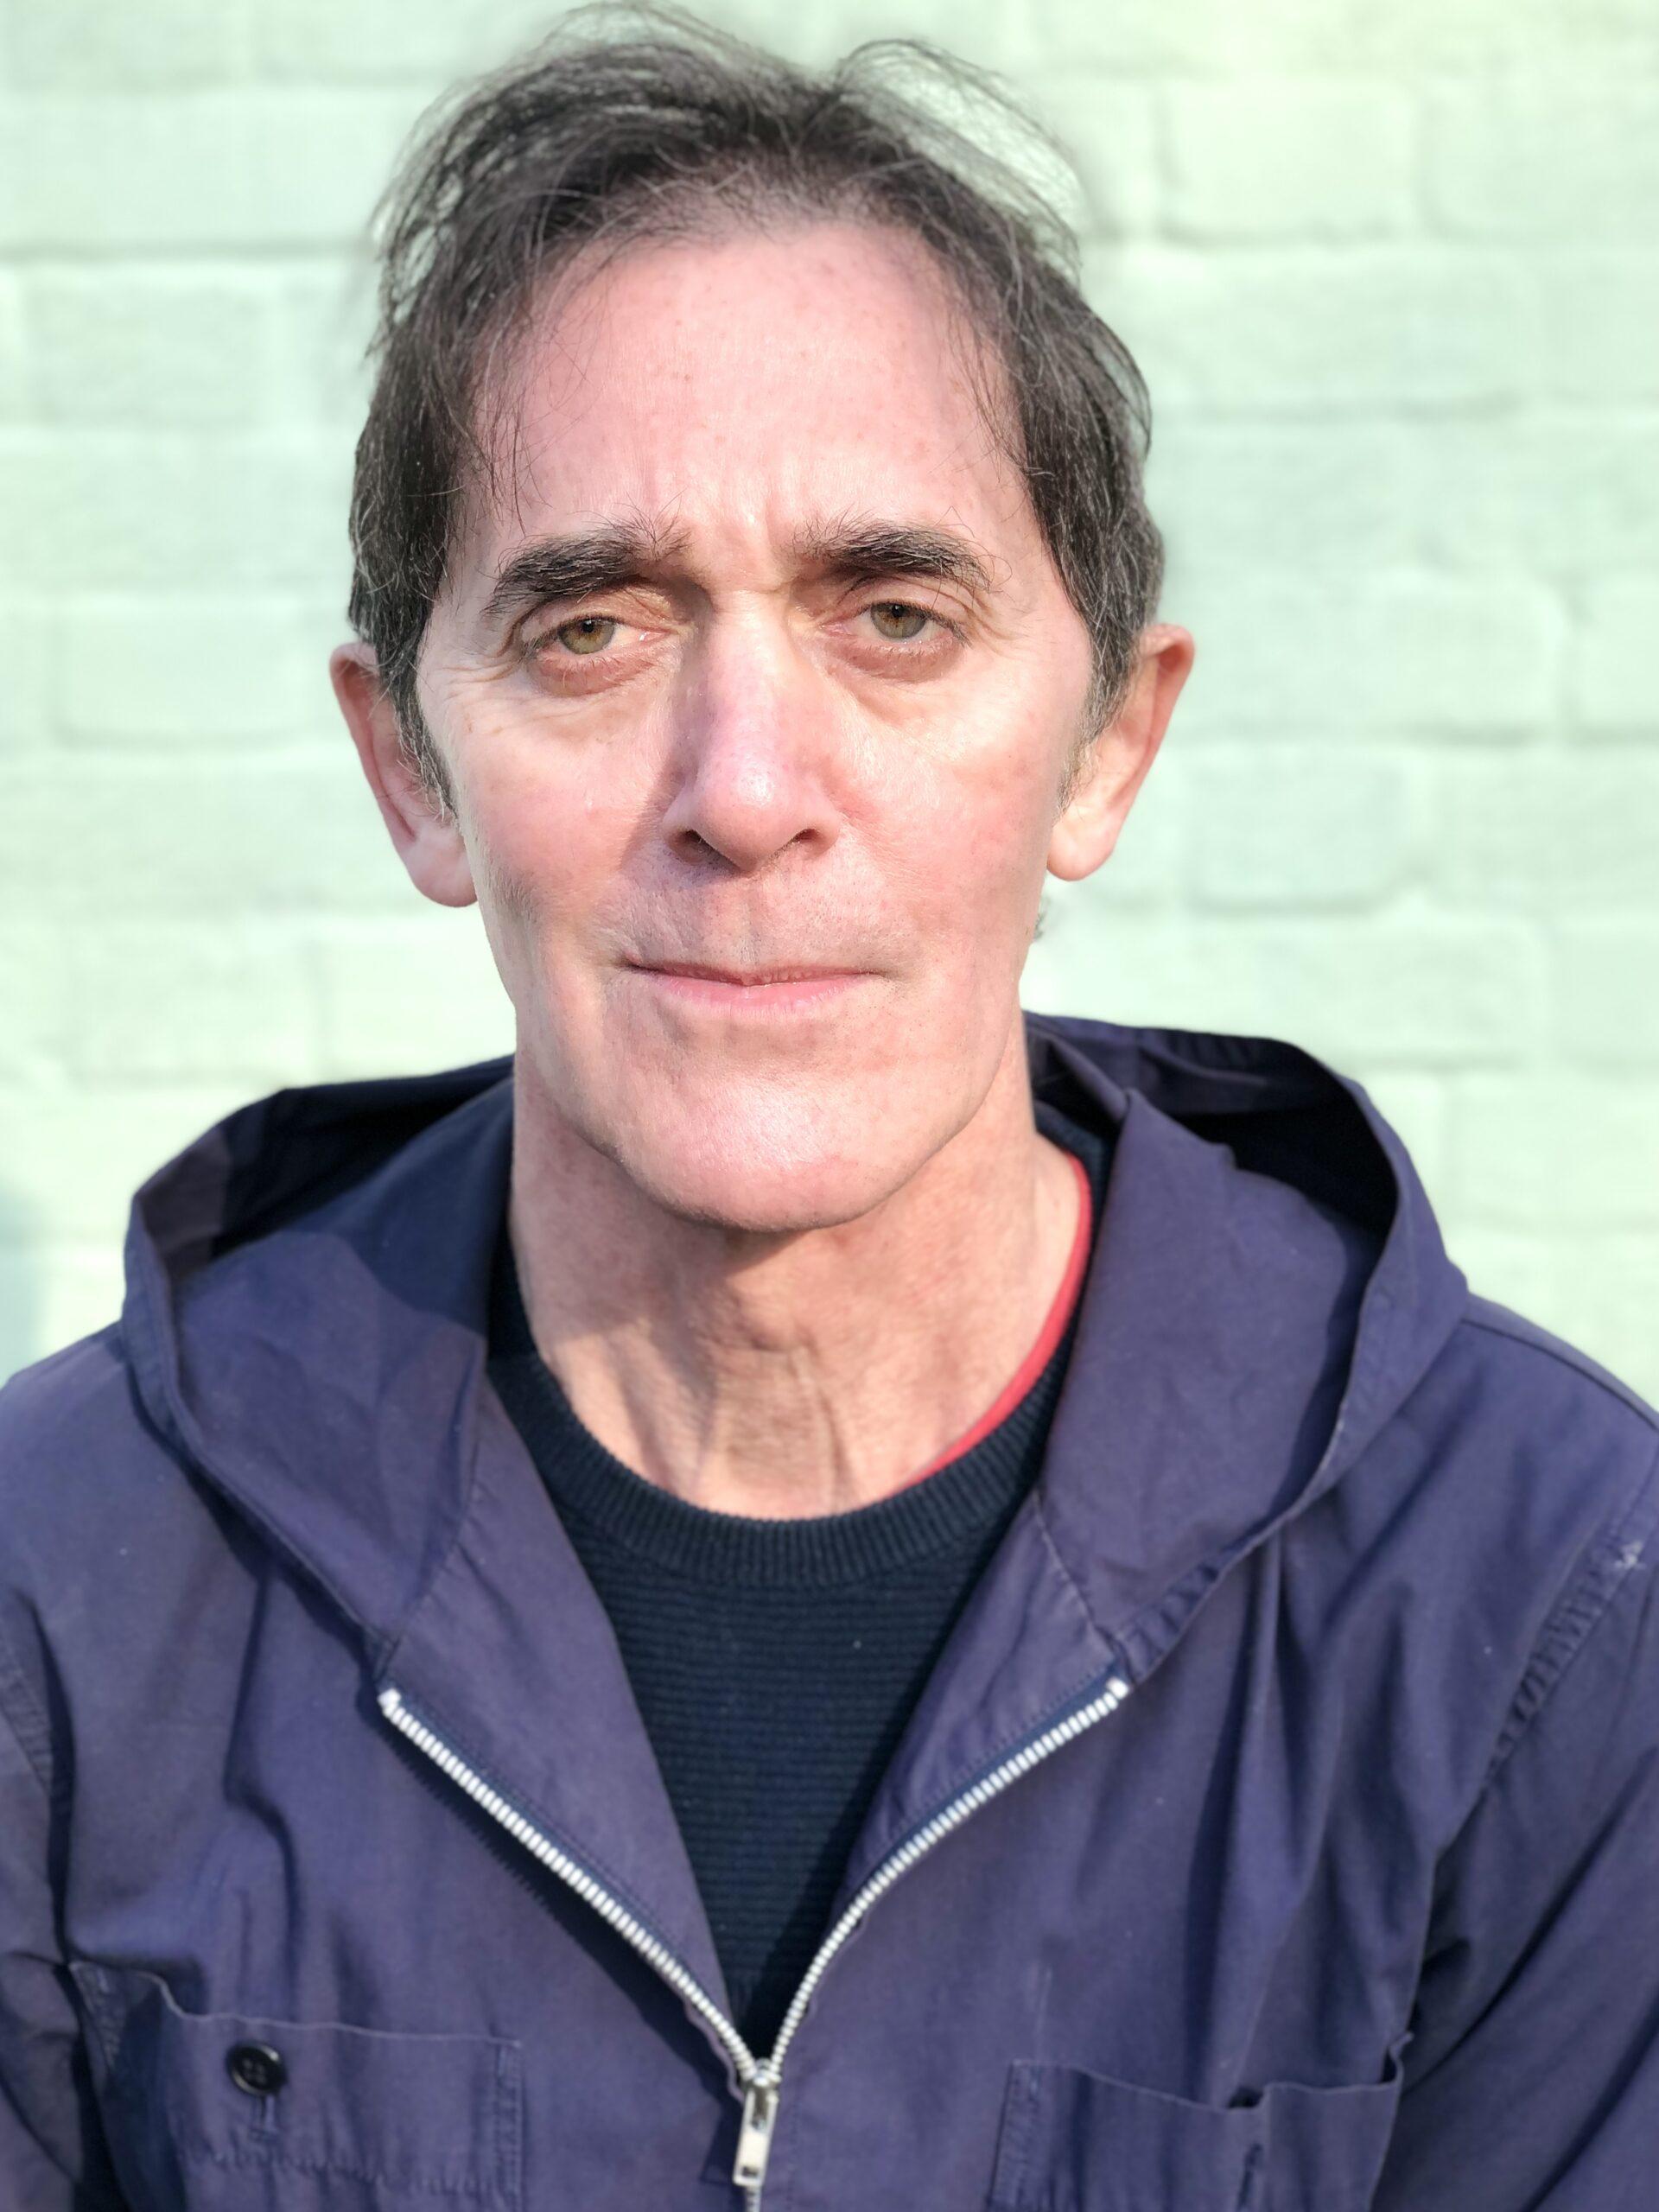 Stuart Jane